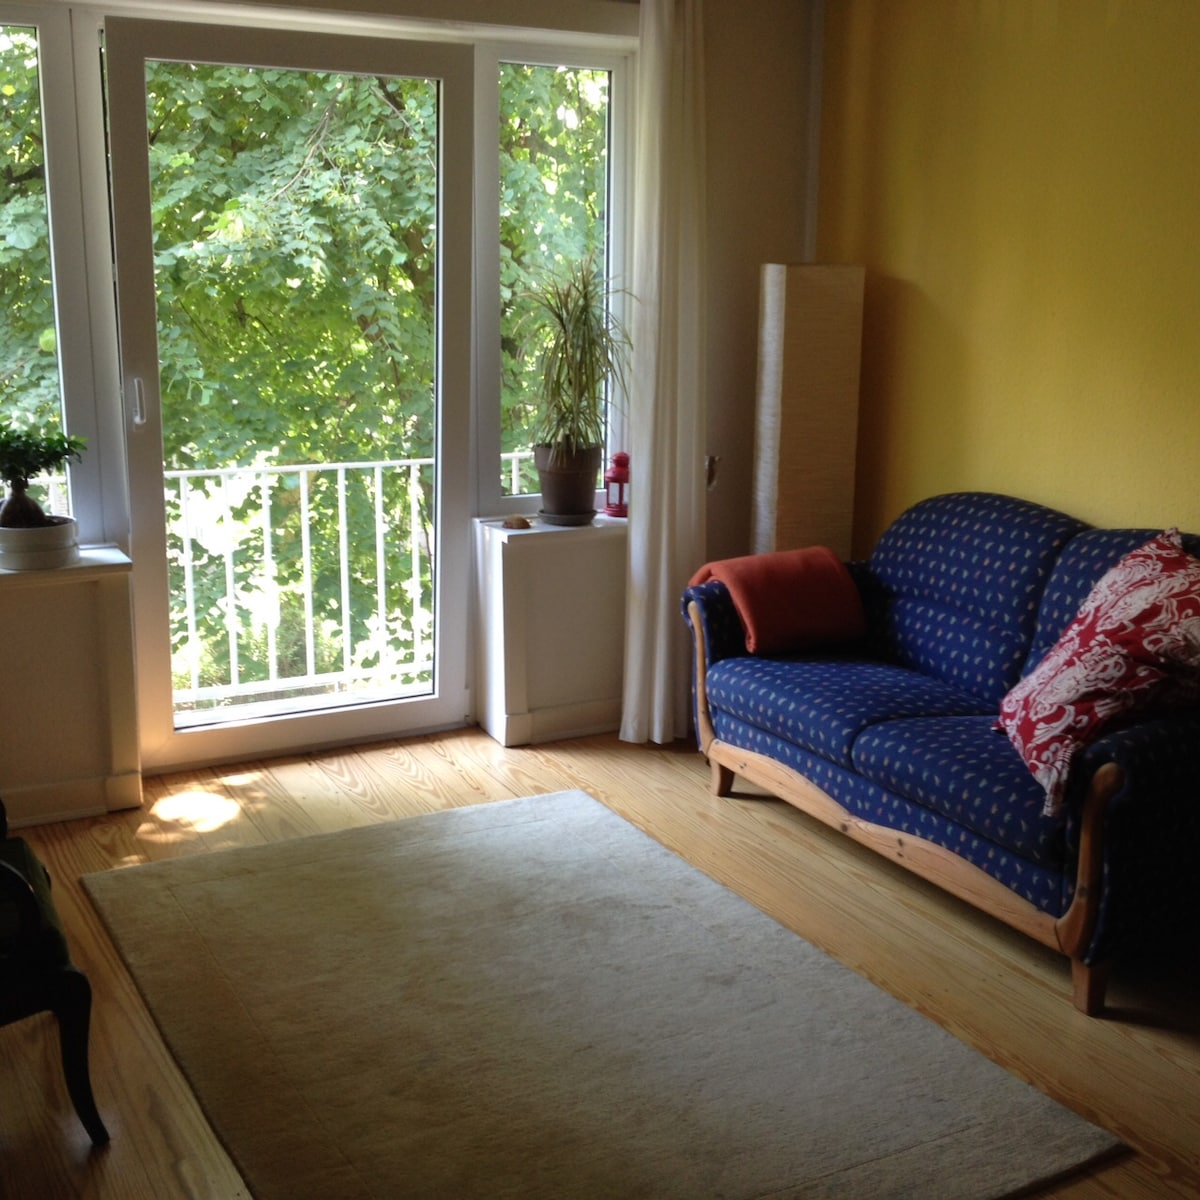 Gemütliche Wohnung in Fuhlsbüttel